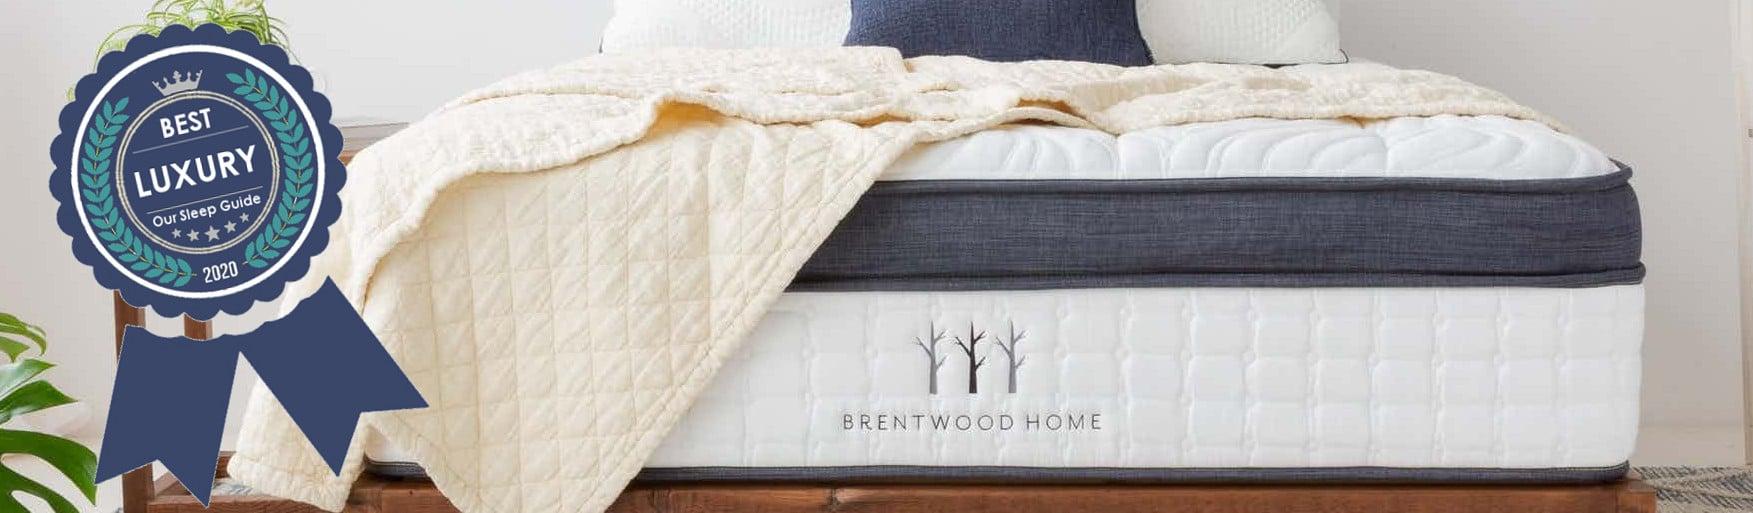 best luxury mattress 2020